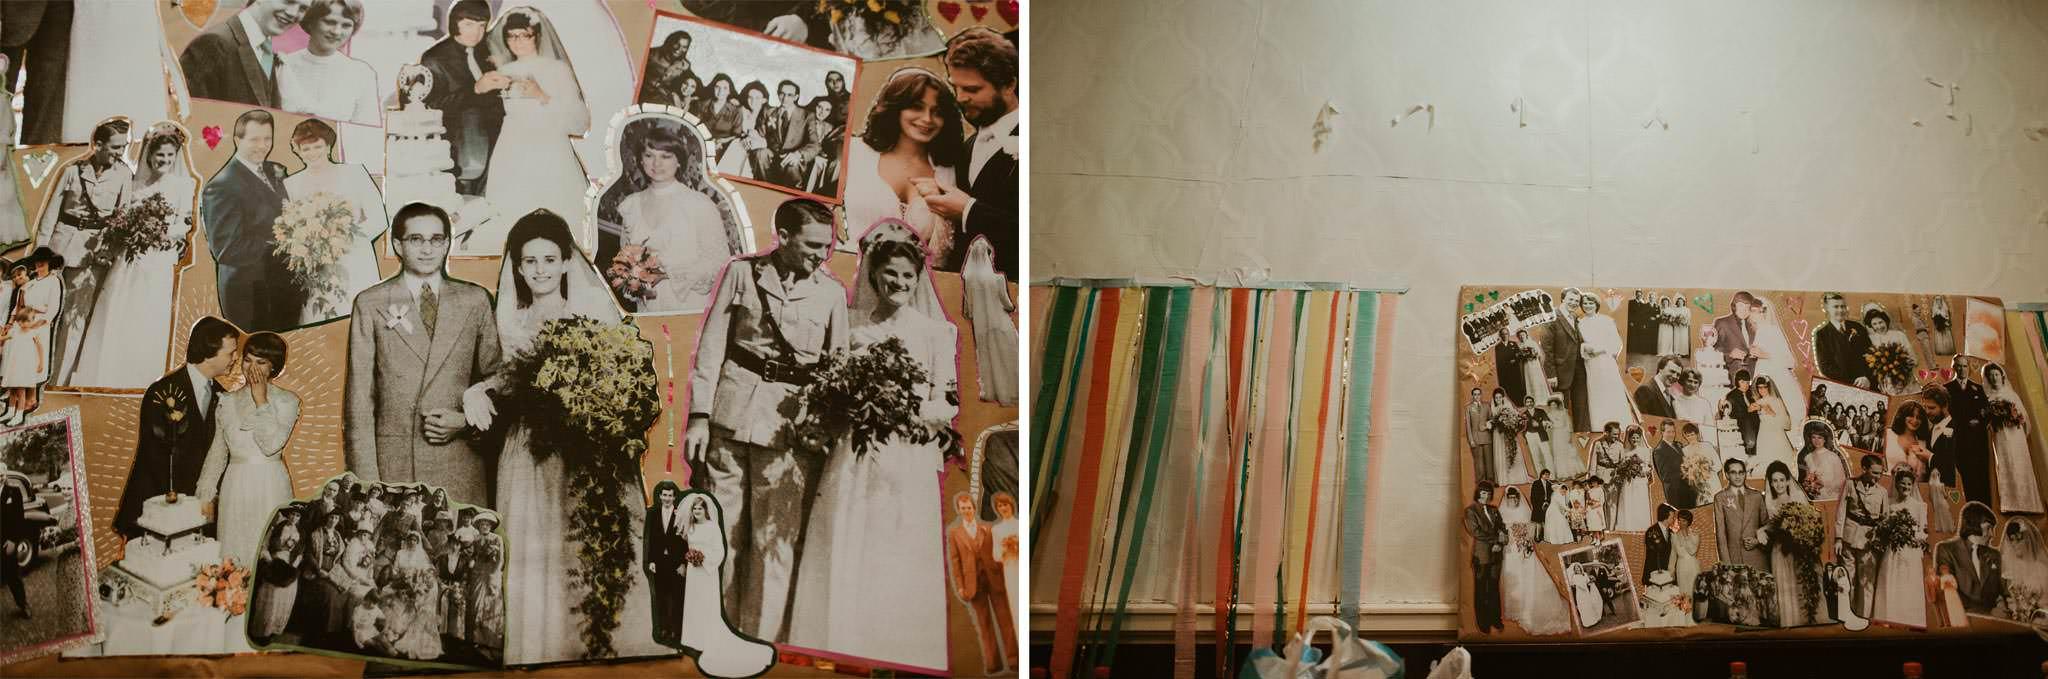 scottish-wedding-photography-141